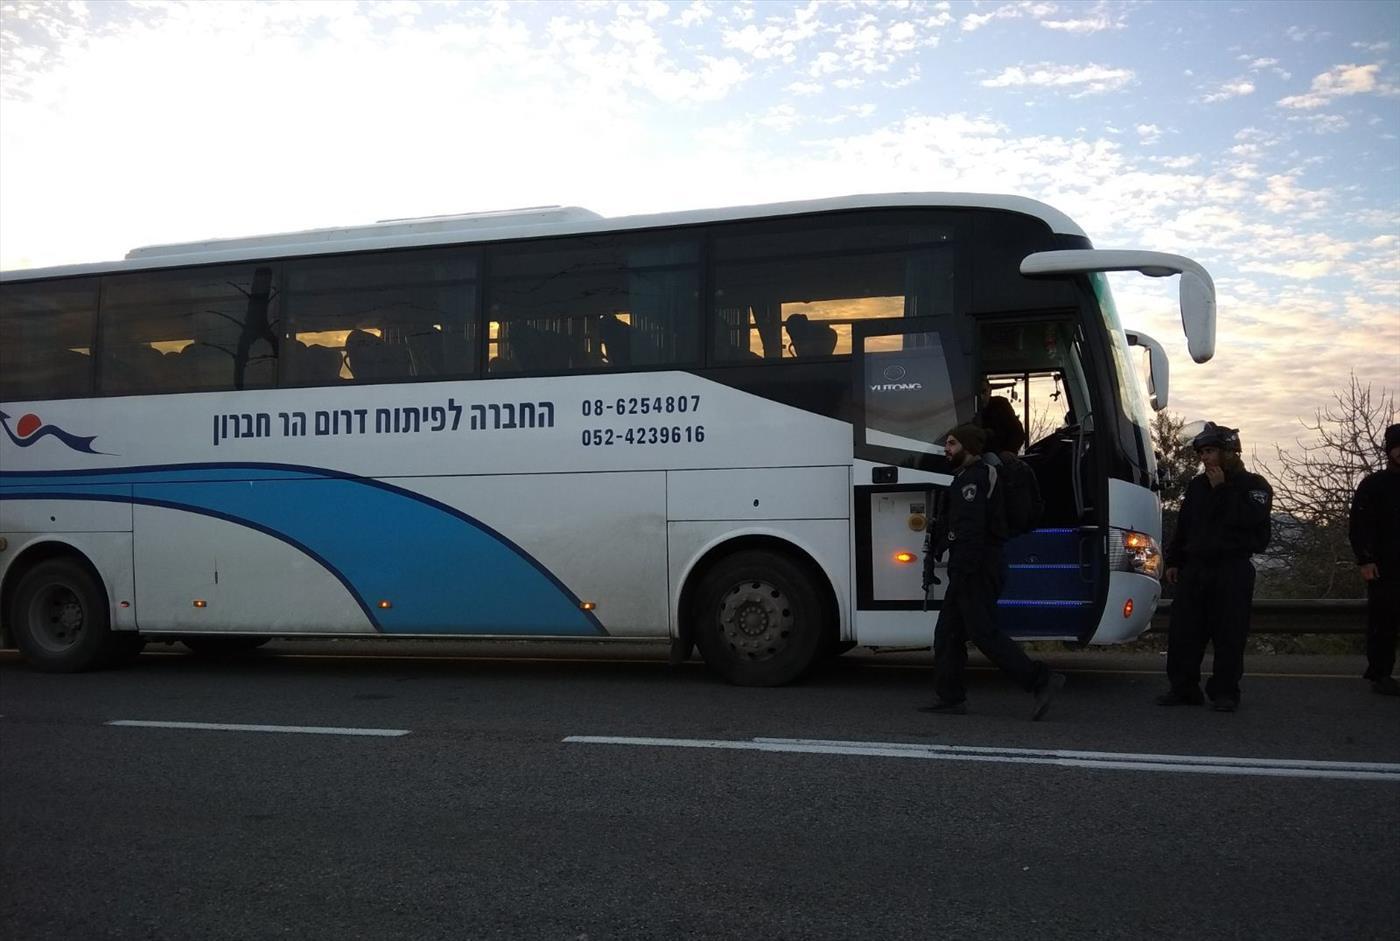 האוטובוס שהסיע שוטרים להרס אביתר  (שלמה מלט)